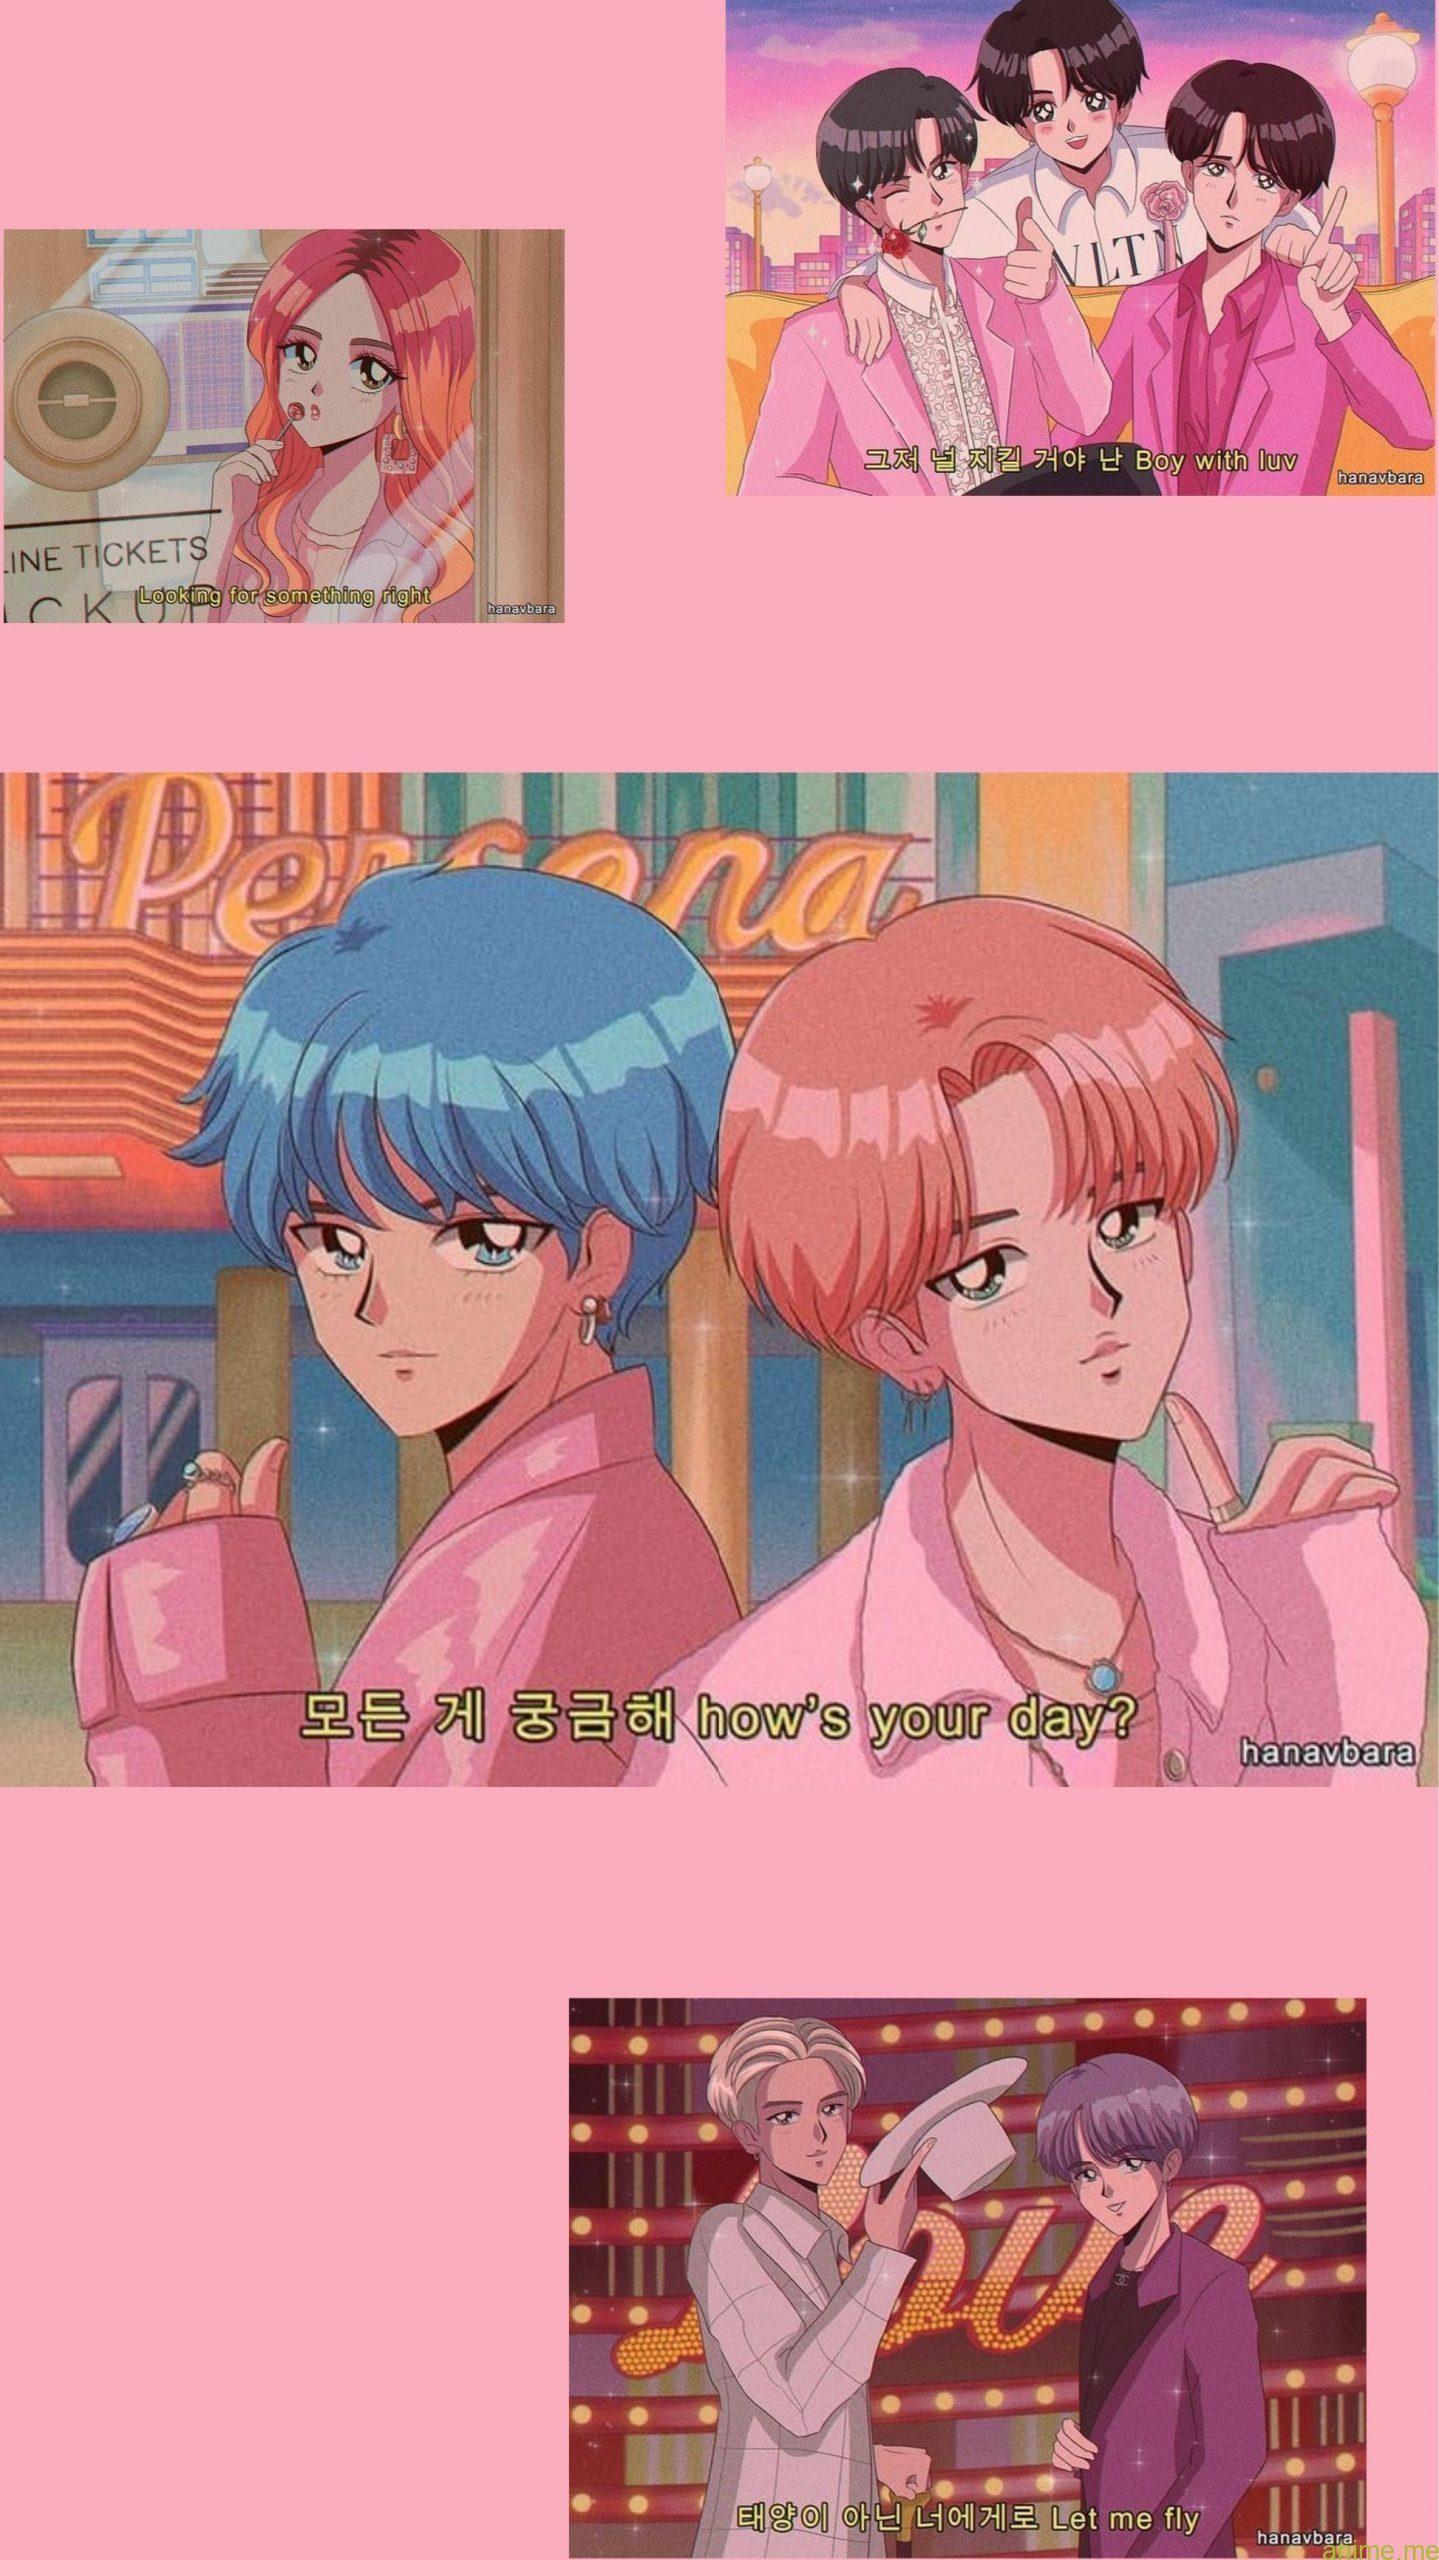 ✔ Anime Aesthetic 90s iPhone #animeedits #animestyle #animekawaii